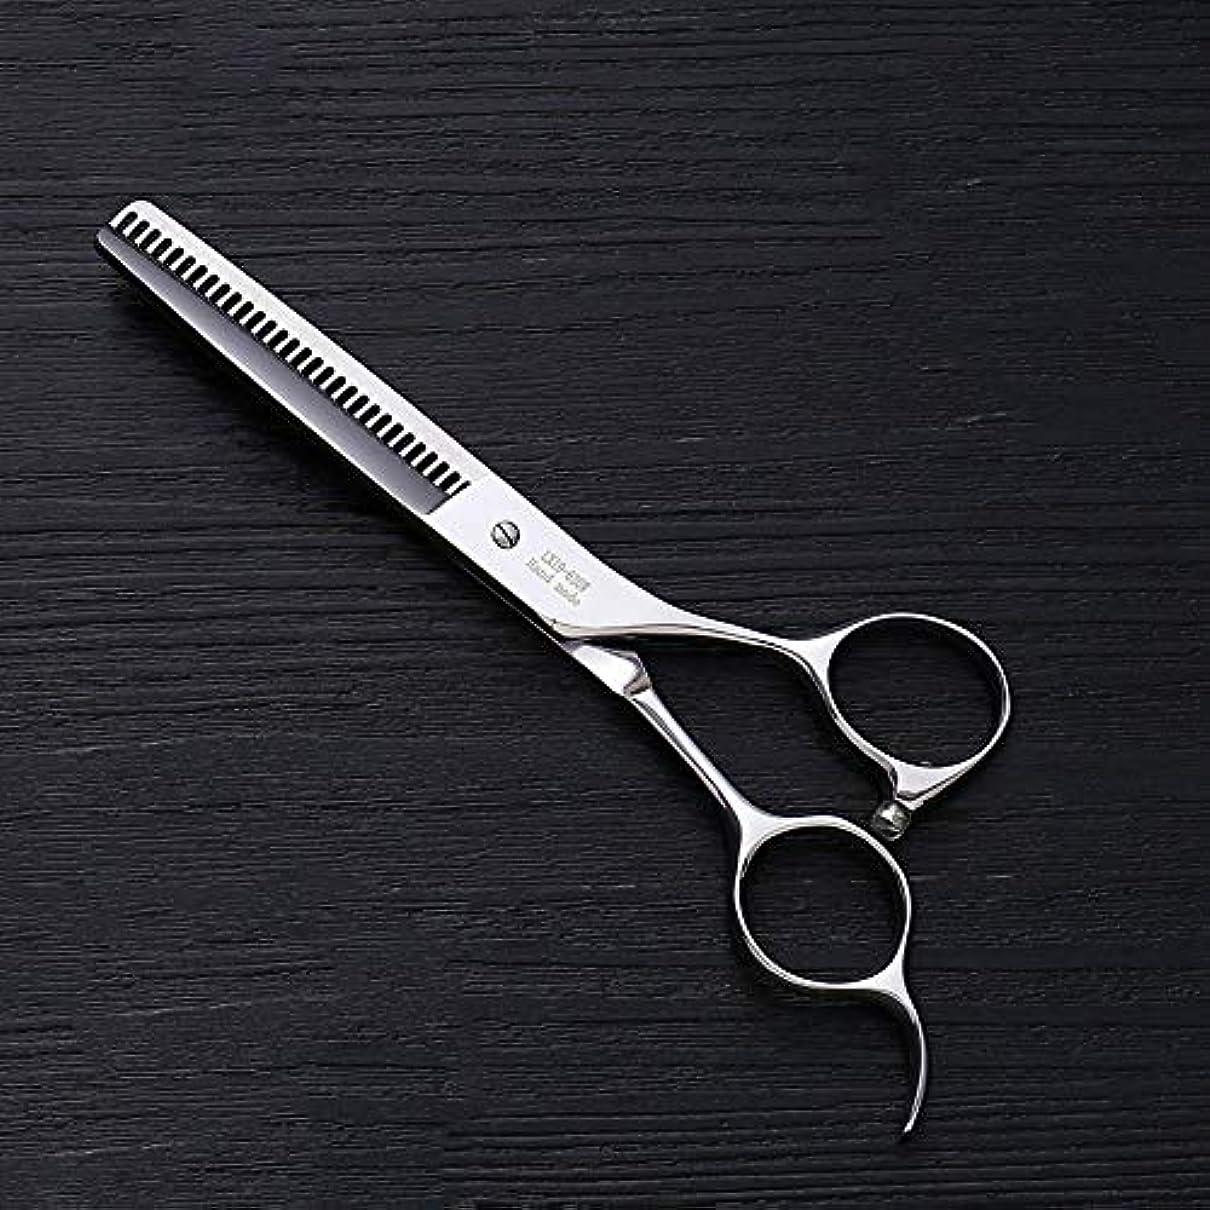 気づく資金靴下Hairdressing 6.0インチプロフェッショナルアントラー歯ステンレス鋼の歯はさみ理髪はさみヘアスタイリスト特別な理髪ツールヘアカットはさみステンレス理髪はさみ (色 : Silver)